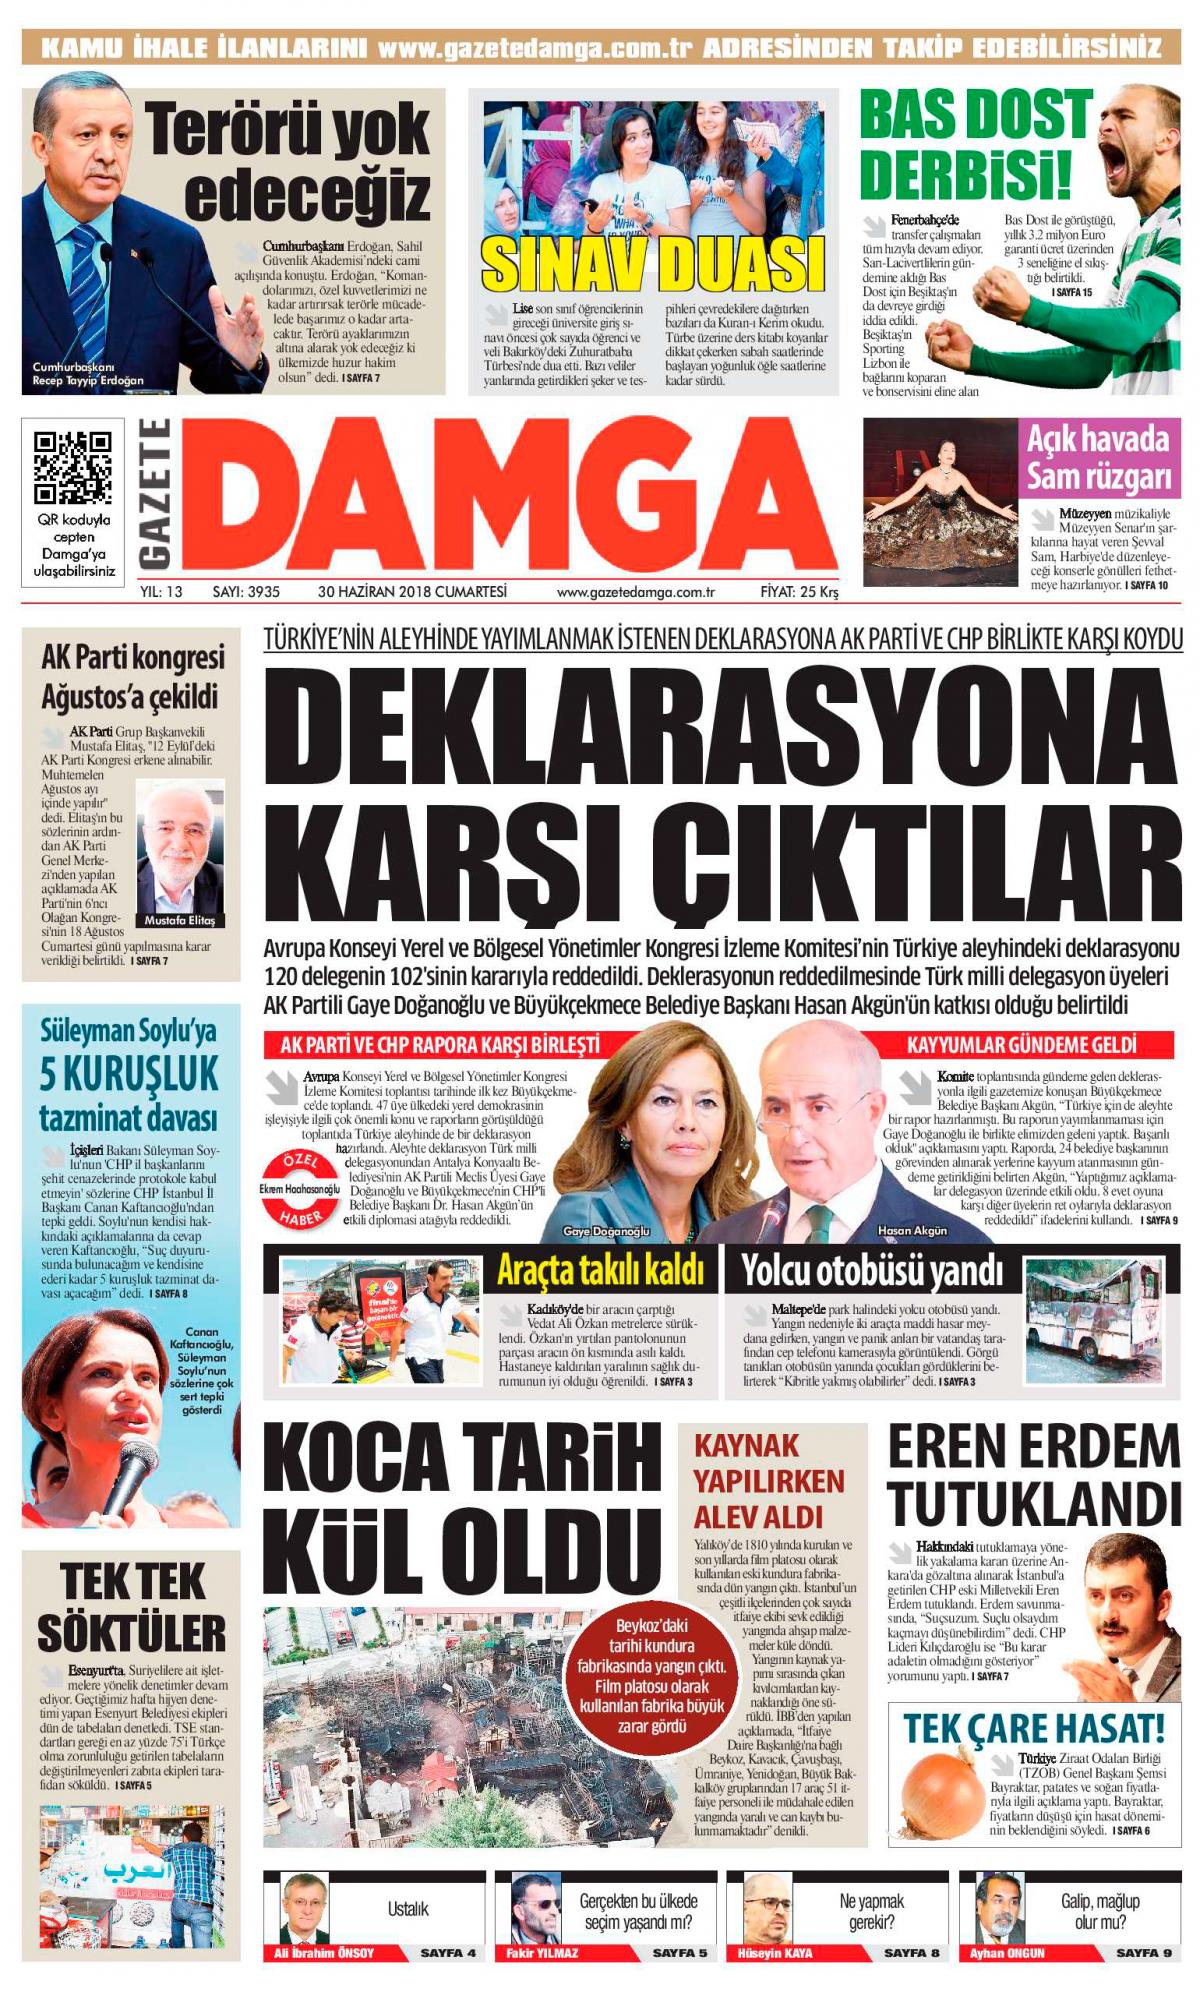 Gazete Damga - 30.06.2018 Manşeti